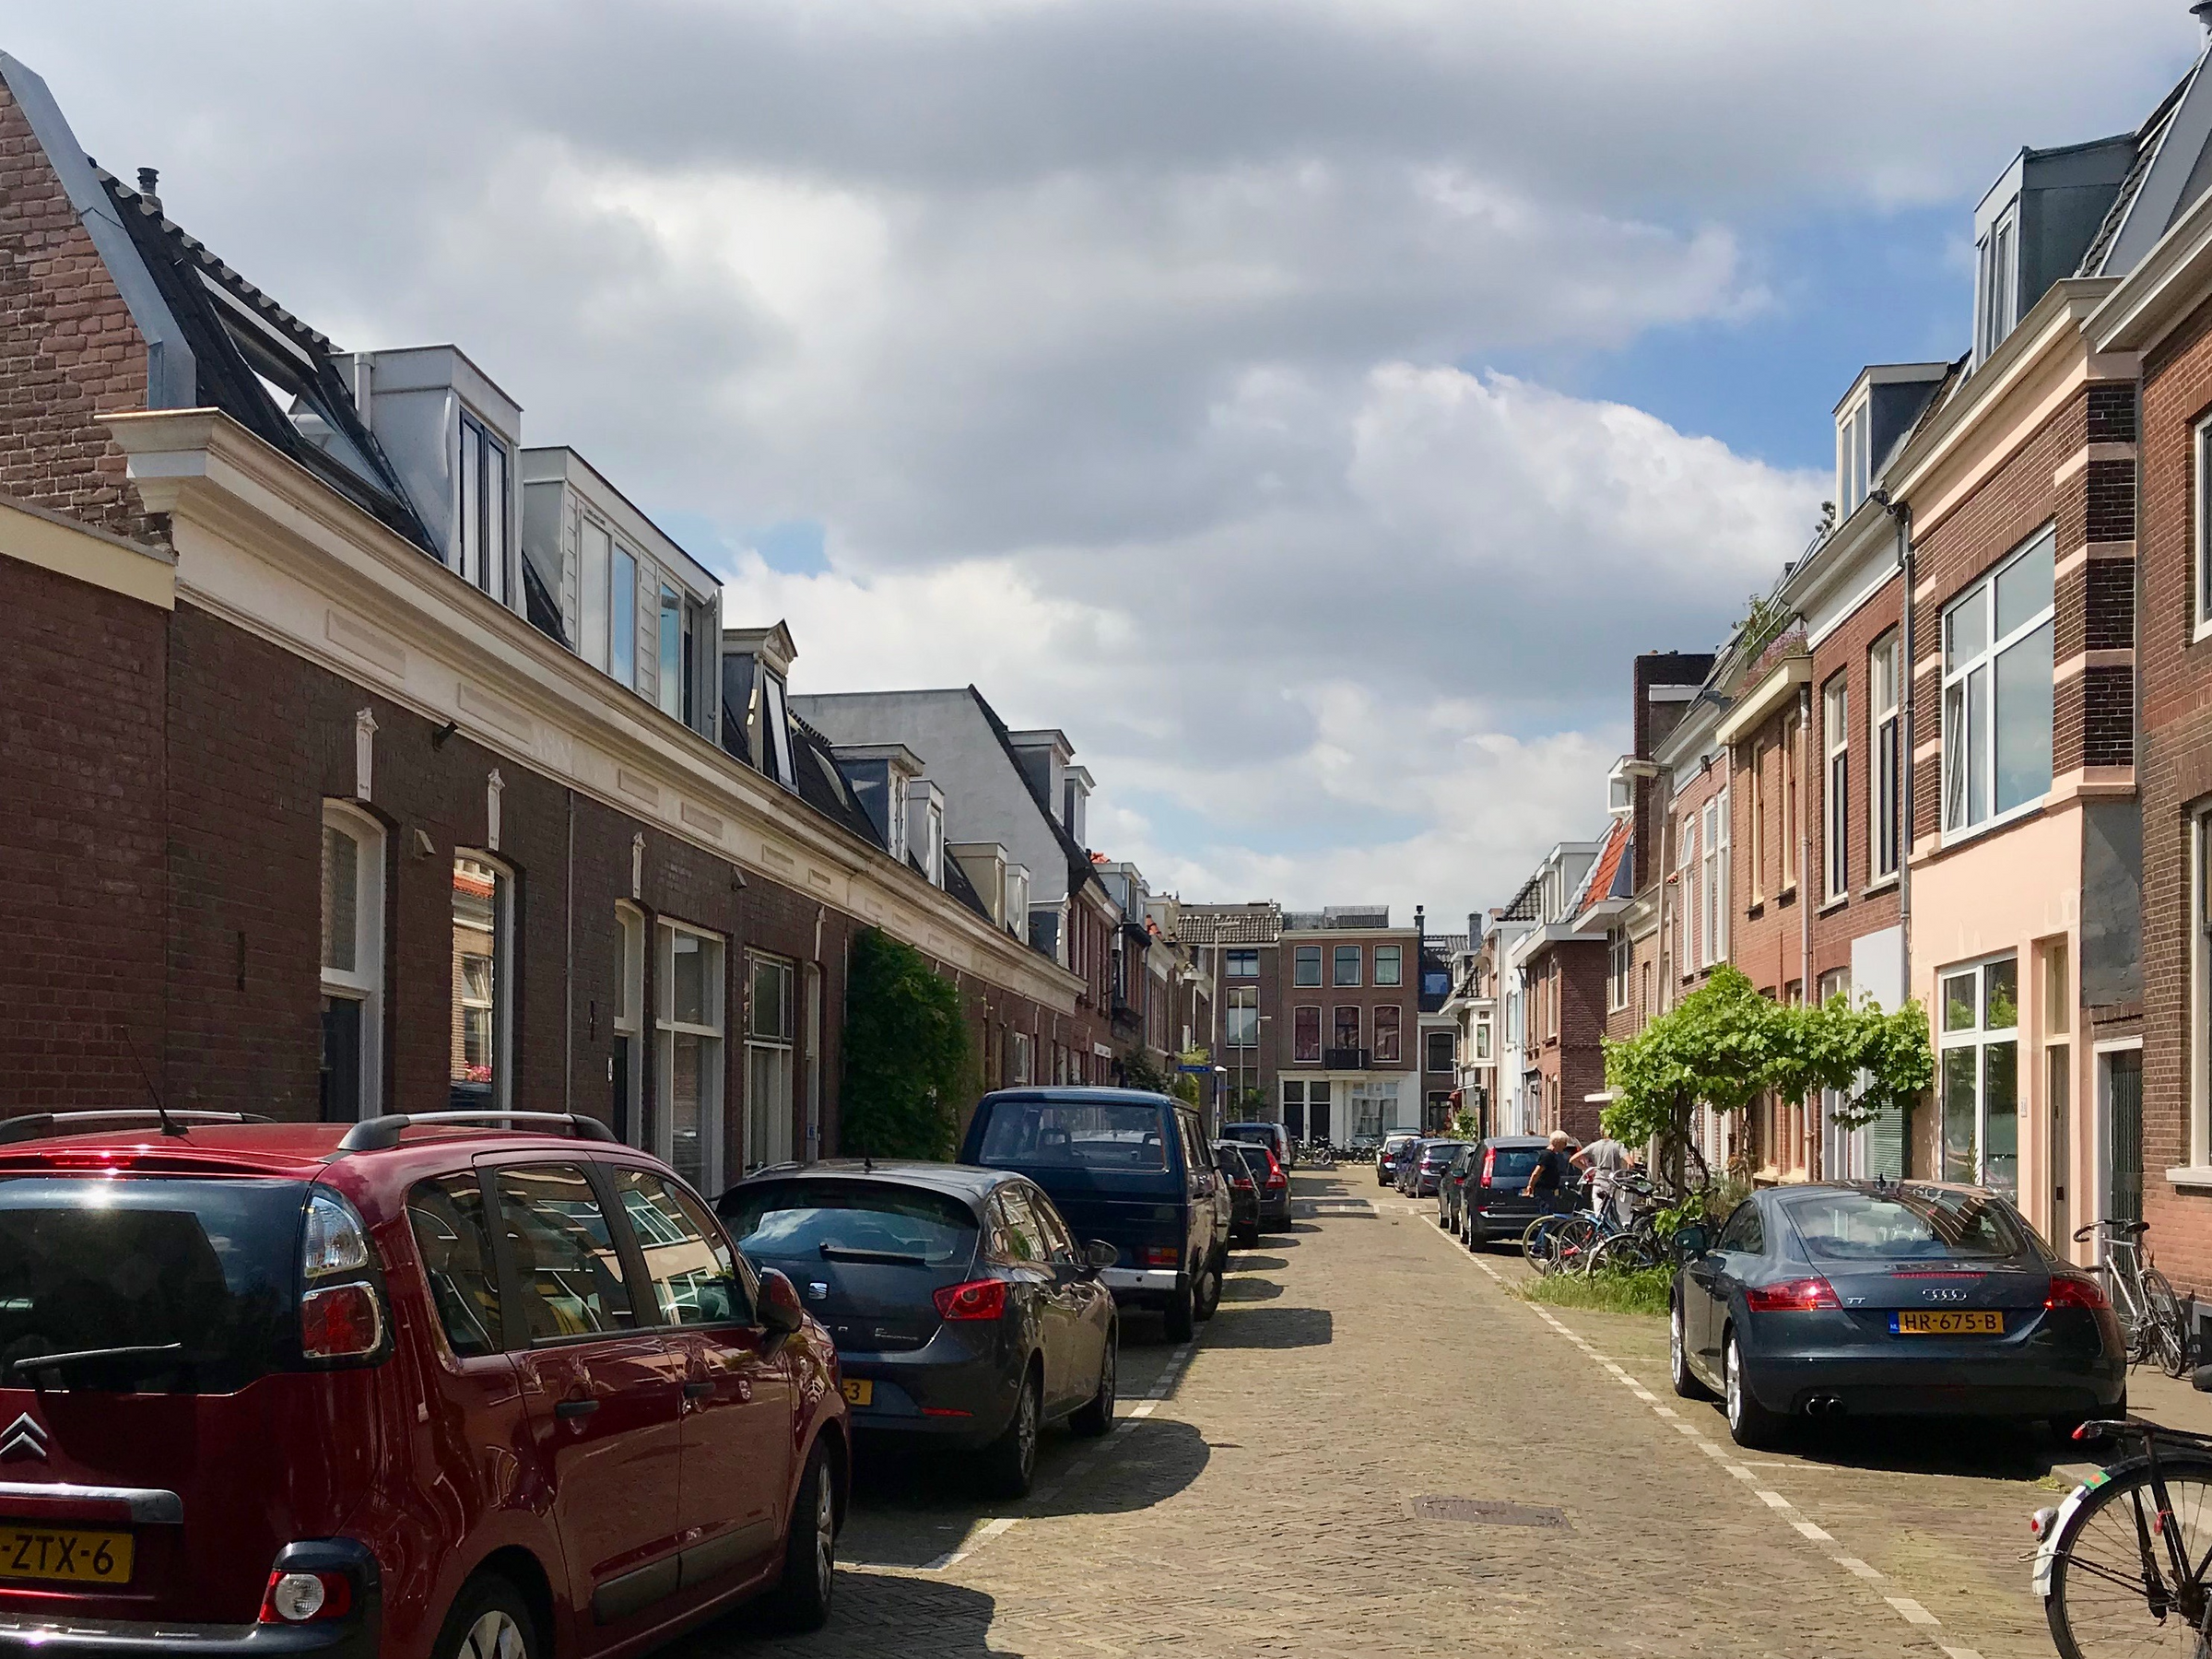 Ooftstraat, Utrecht